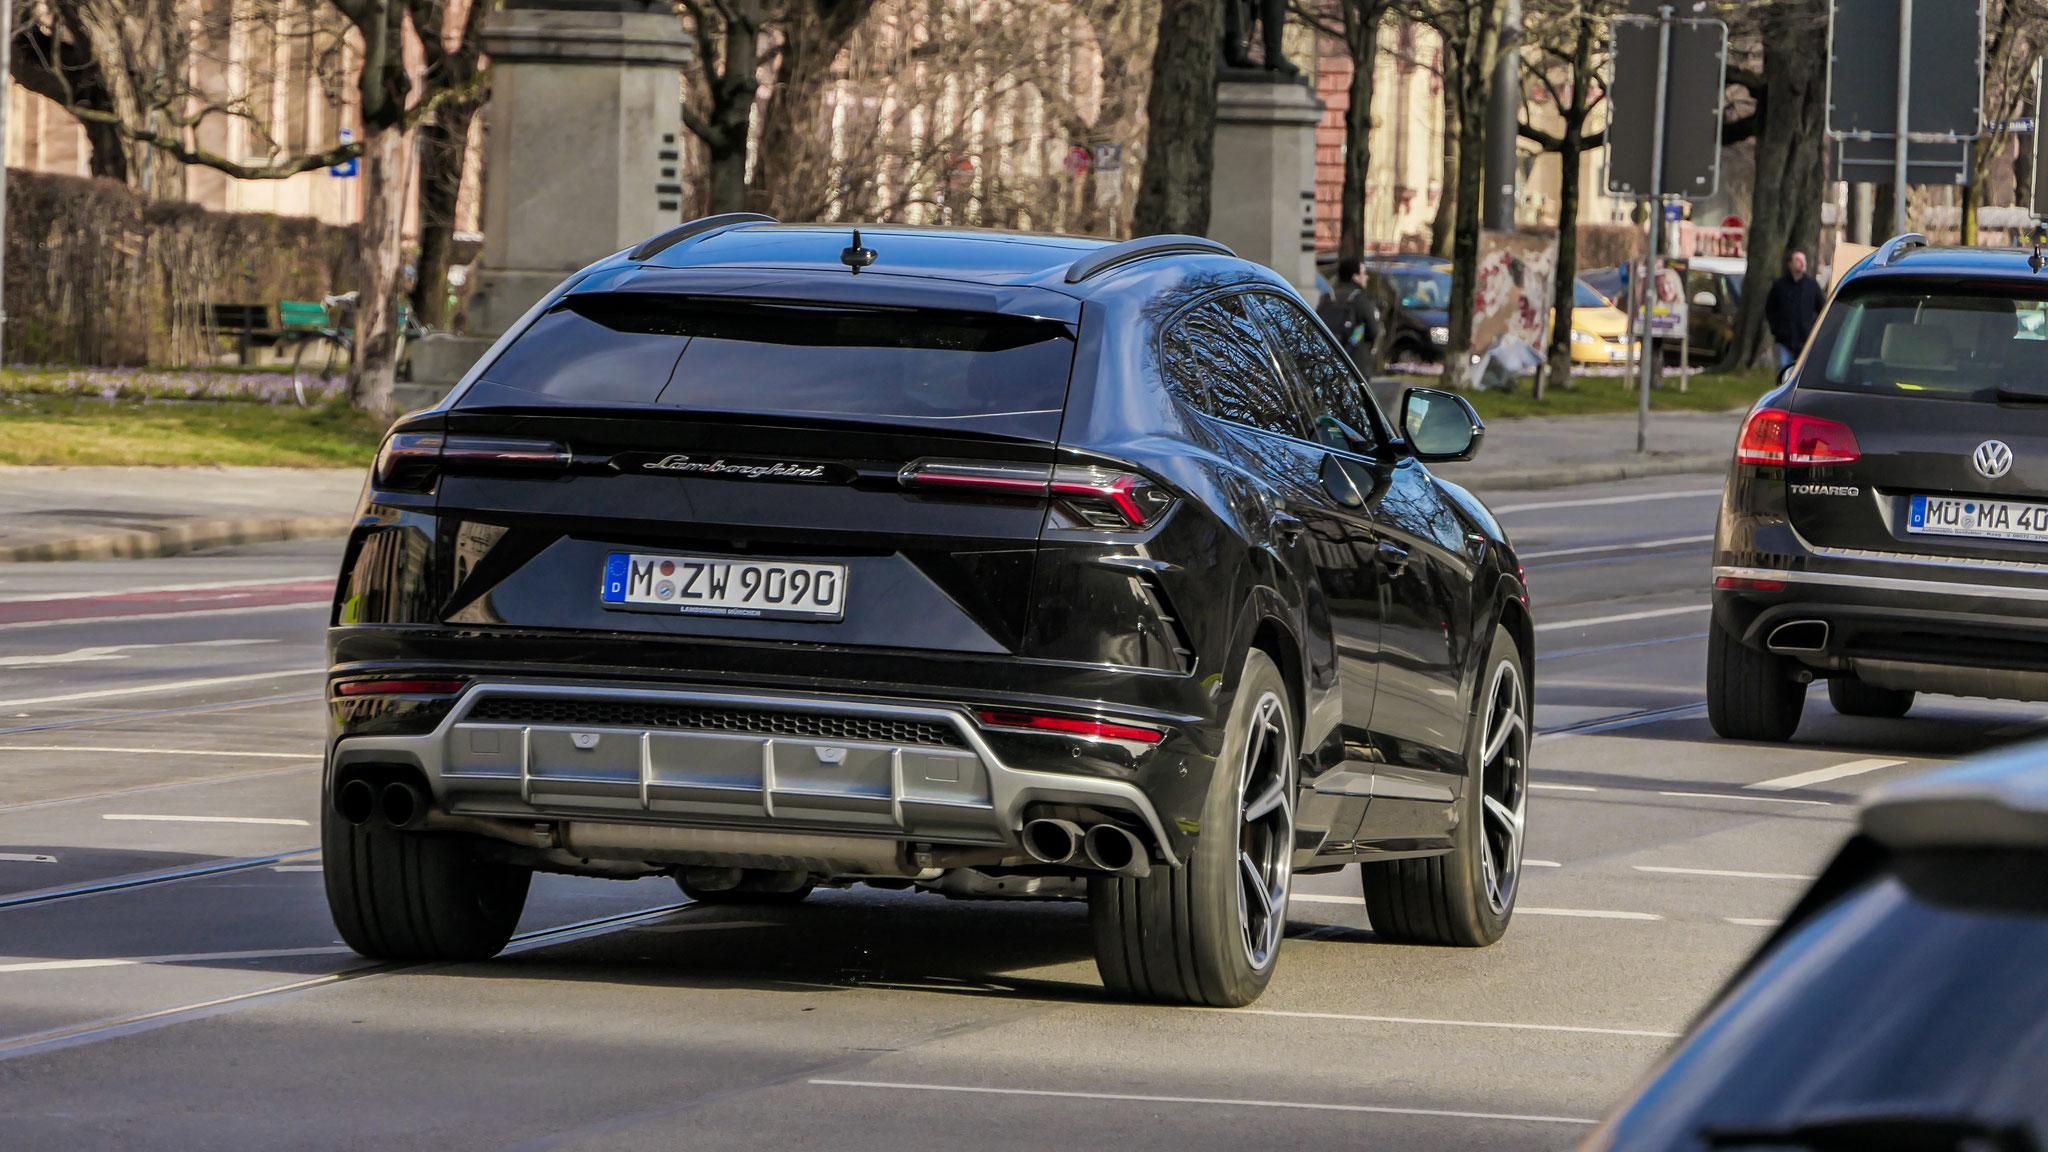 Lamborghini Urus - M-ZW-9090